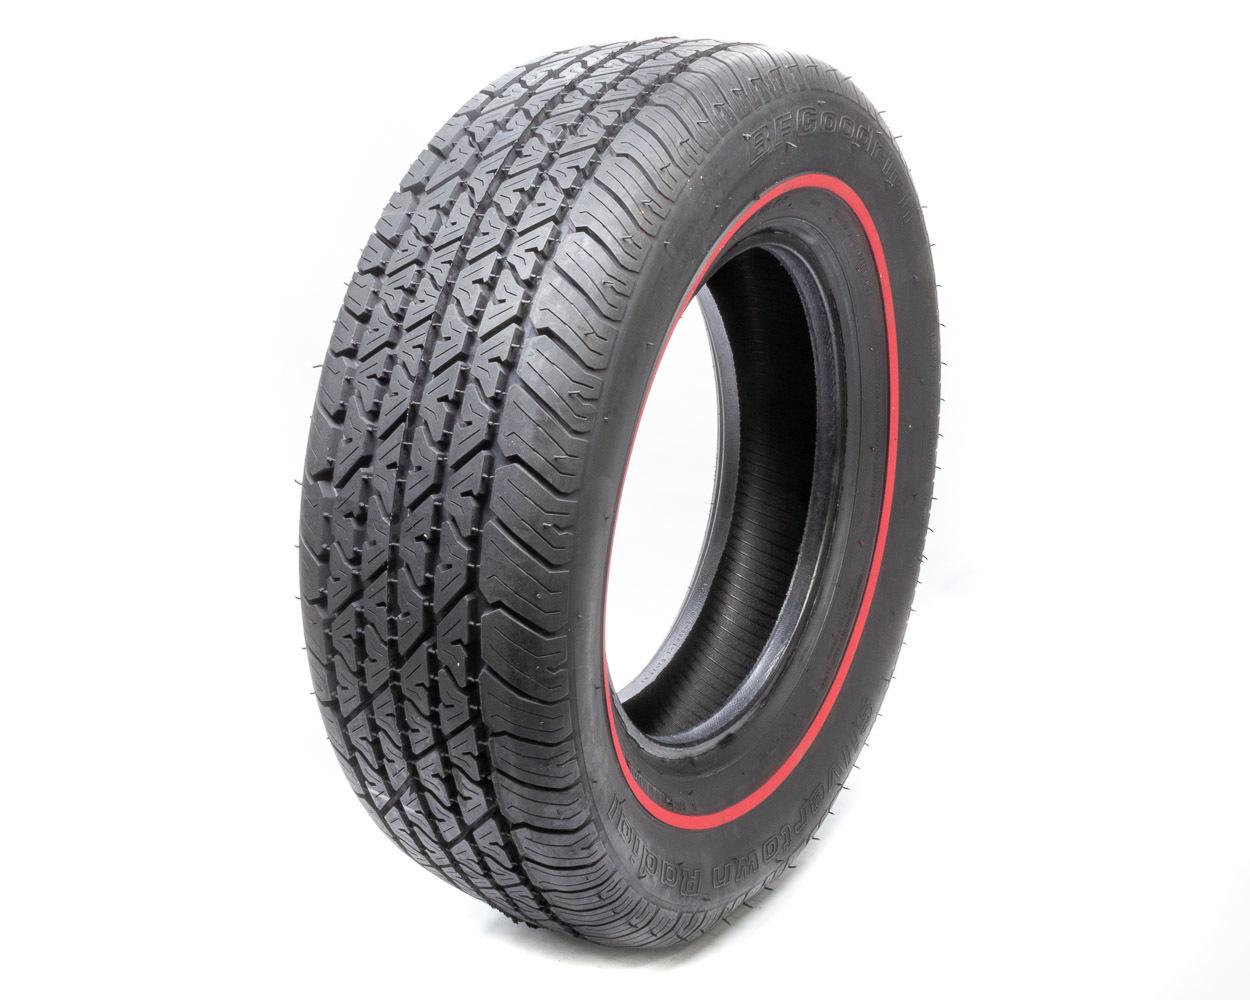 Coker Tire P215/70R15 BFG Redline Tire